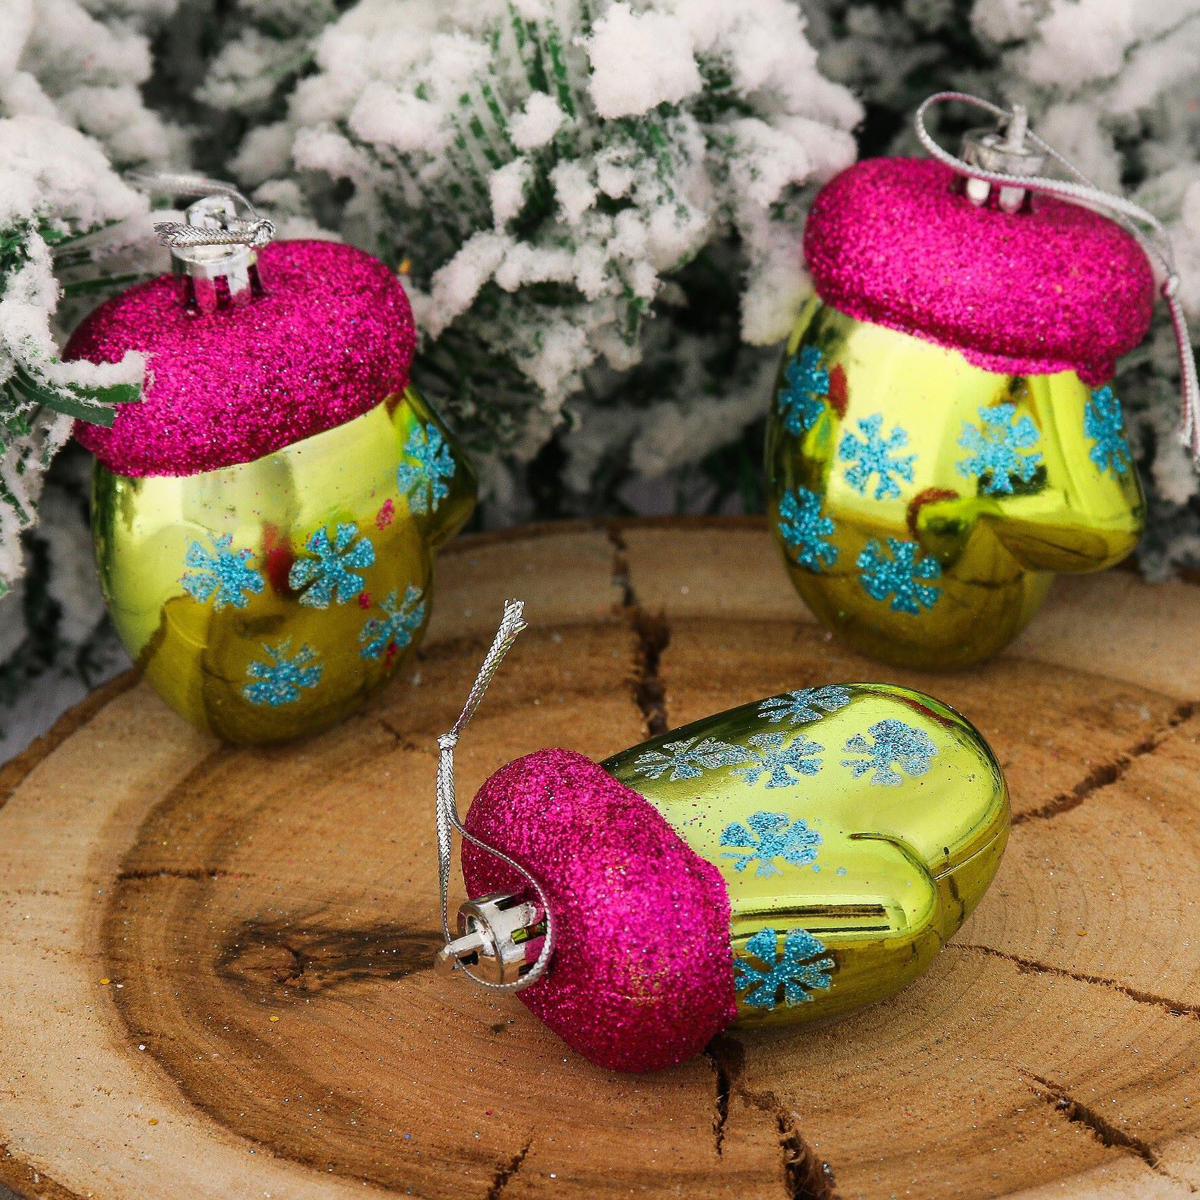 Набор новогодних подвесных украшений Варежки, снежинка, цвет: зеленый, 6 х 5 см, 3 шт2123075Набор новогодних подвесных украшений отлично подойдет для декорации вашего дома и новогодней ели. С помощью специальной петельки украшение можно повесить в любом понравившемся вам месте. Но, конечно, удачнее всего оно будет смотреться на праздничной елке.Елочная игрушка - символ Нового года. Она несет в себе волшебство и красоту праздника. Такое украшение создаст в вашем доме атмосферу праздника, веселья и радости.